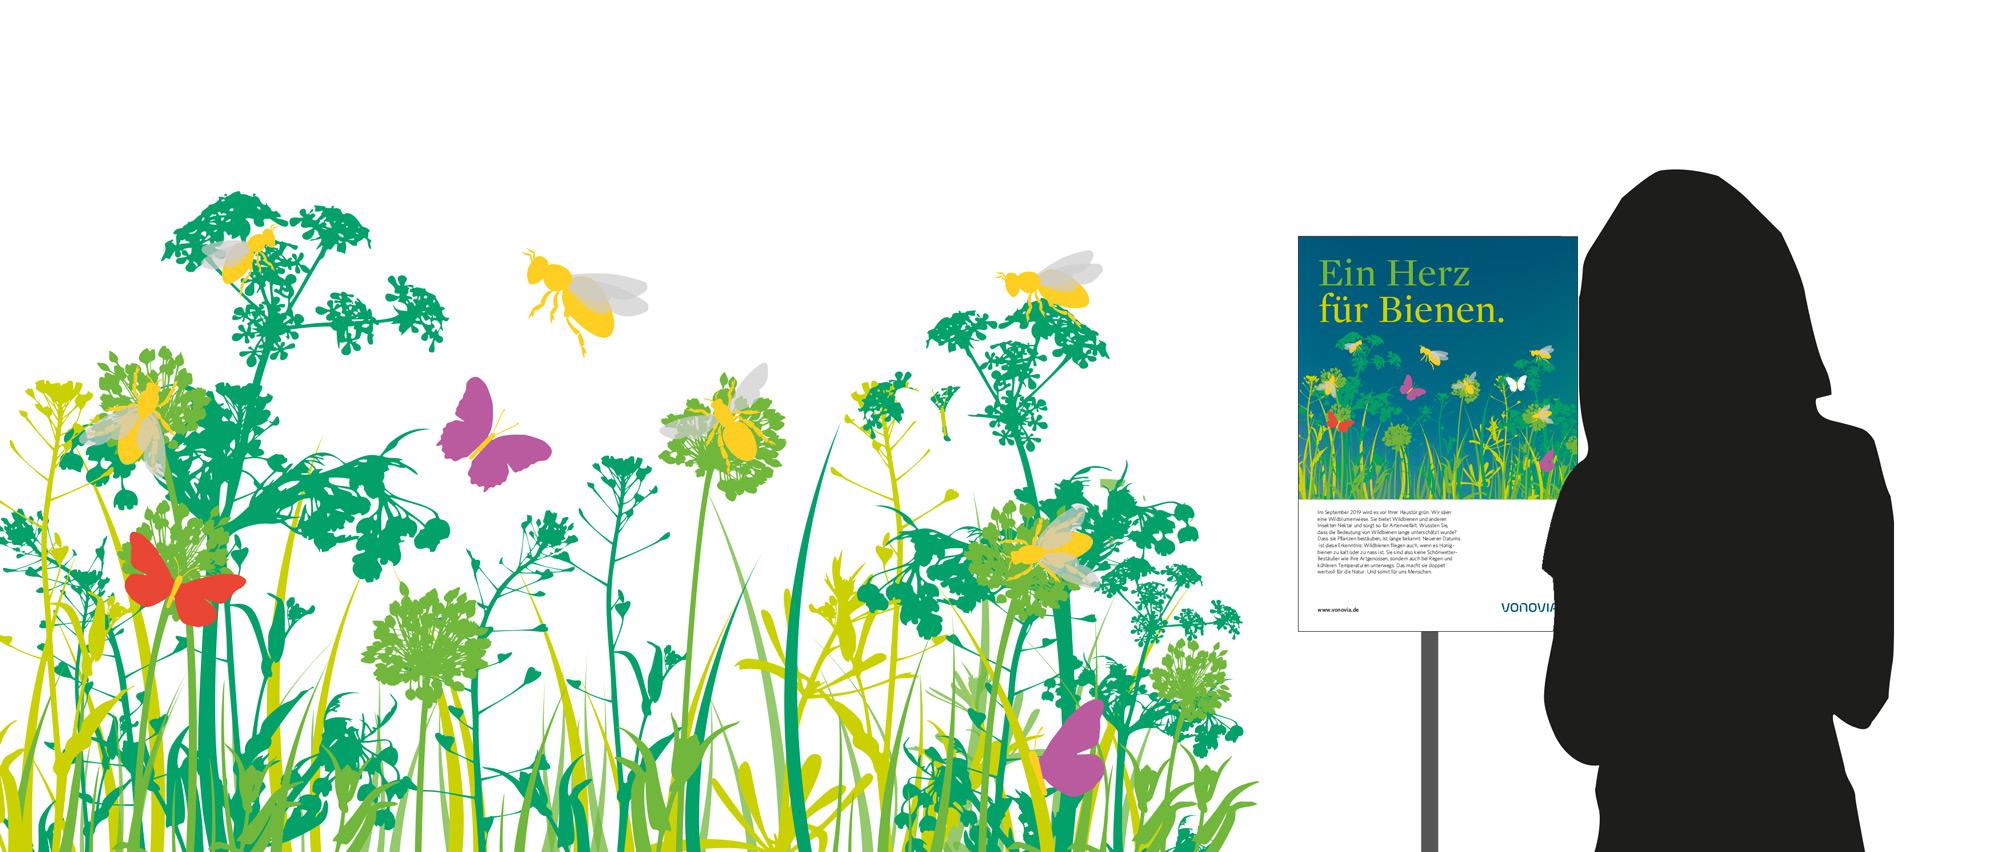 Illustration: Ein Herz für Bienen Aushang